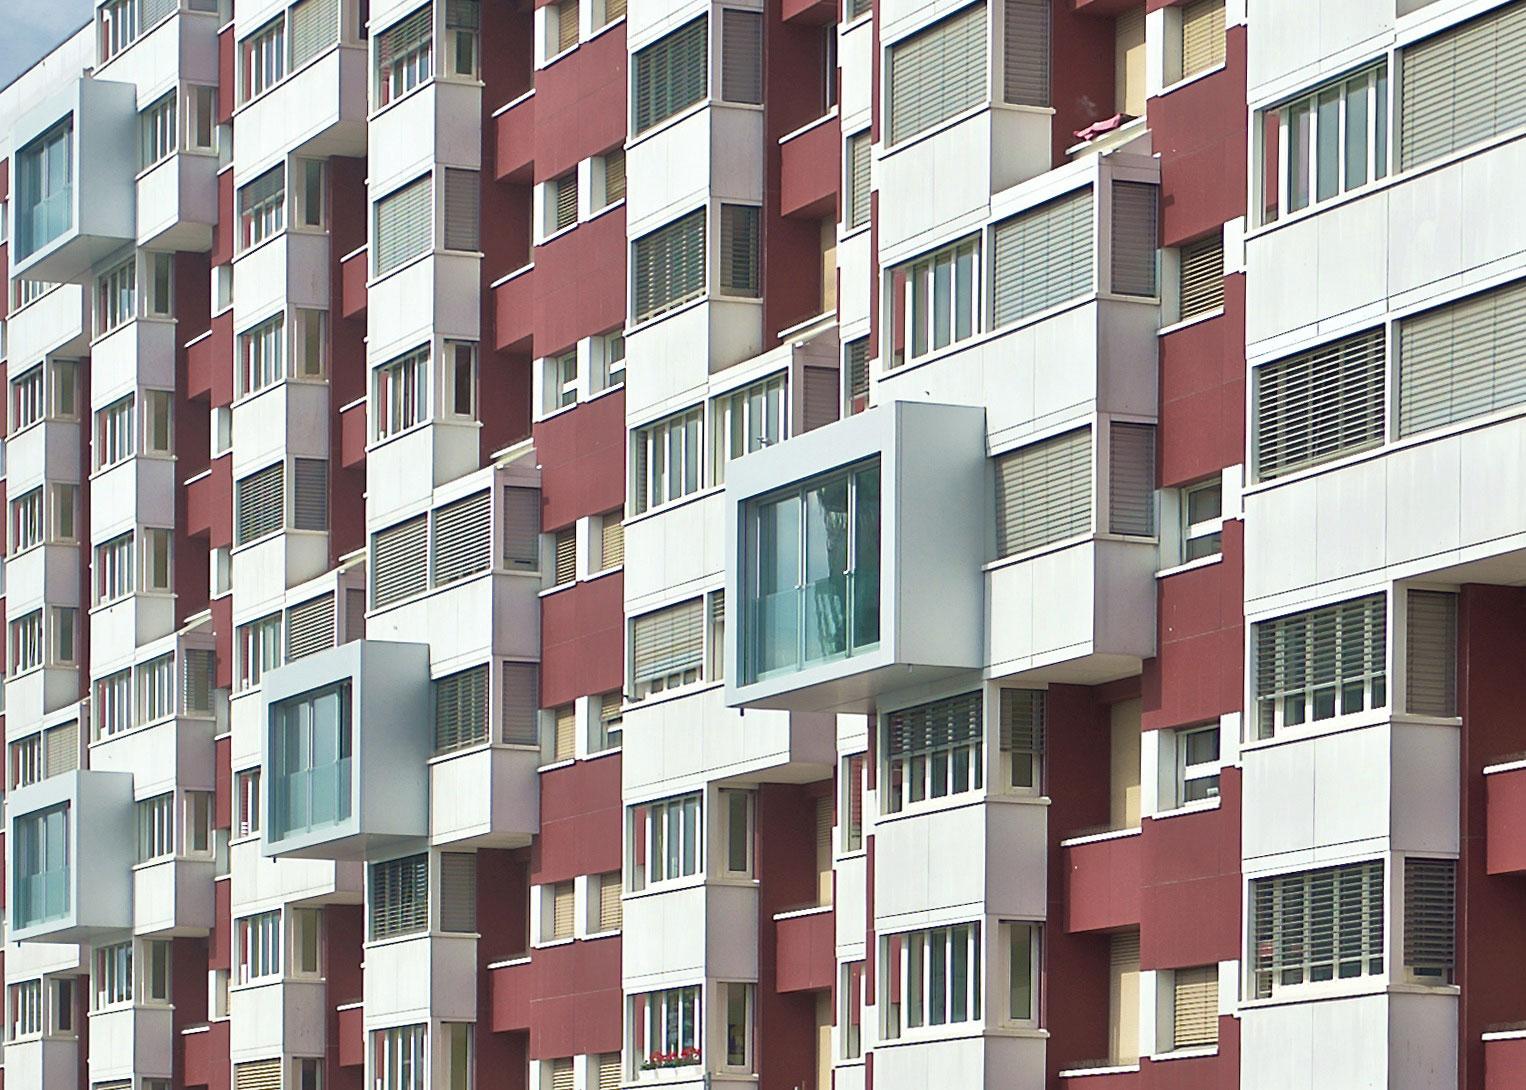 Dix lieux de vie sont aménagés dans des caissons en aluminium qui débordent des façades pour favoriser la sociabilité.